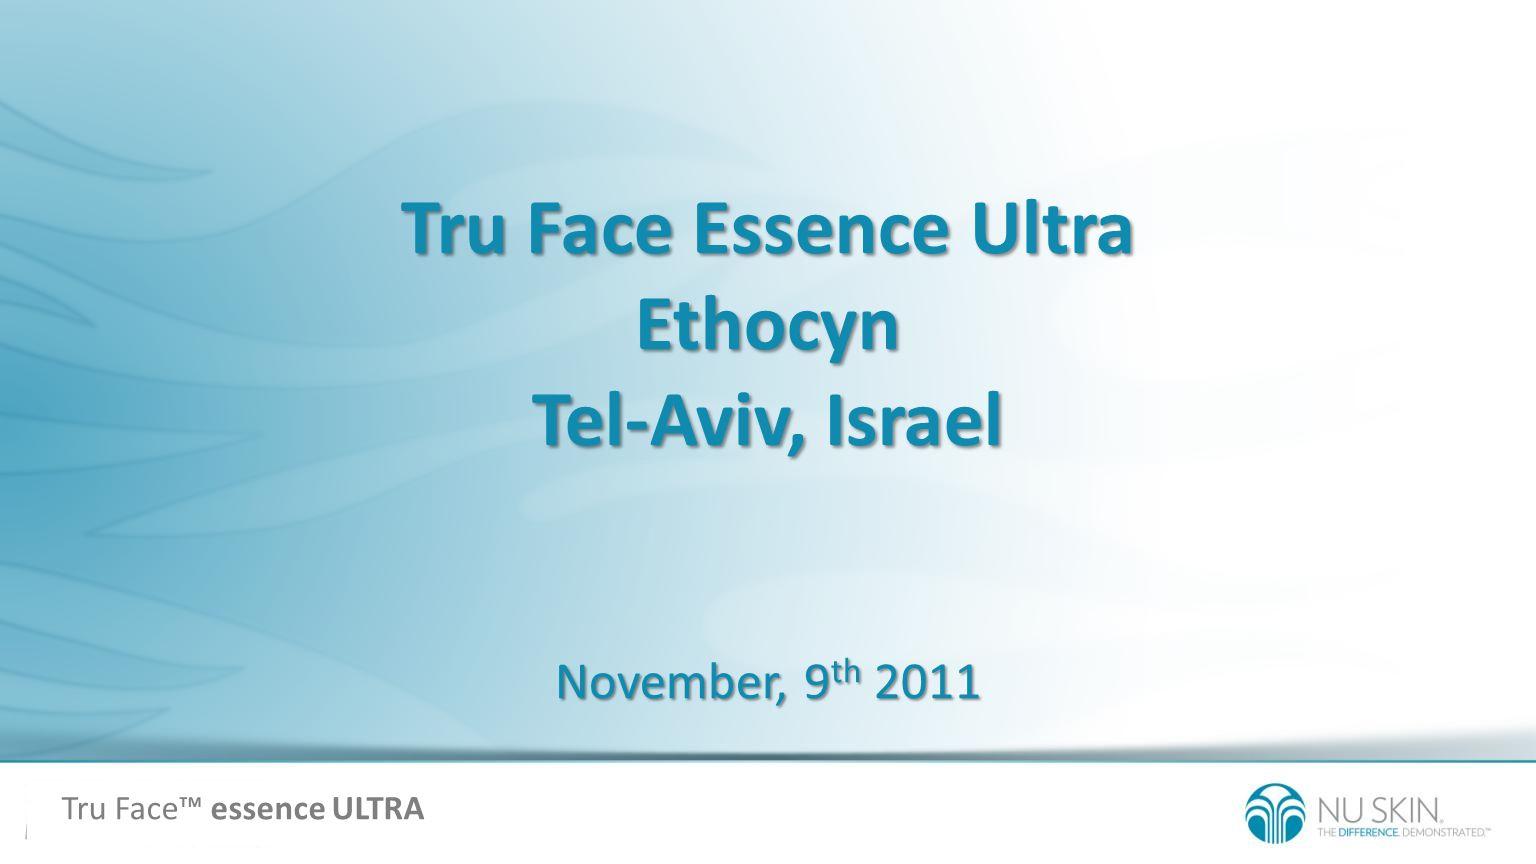 Tru Face Essence Ultra Ethocyn Tel-Aviv, Israel November, 9 th 2011 Tru Face essence ULTRA